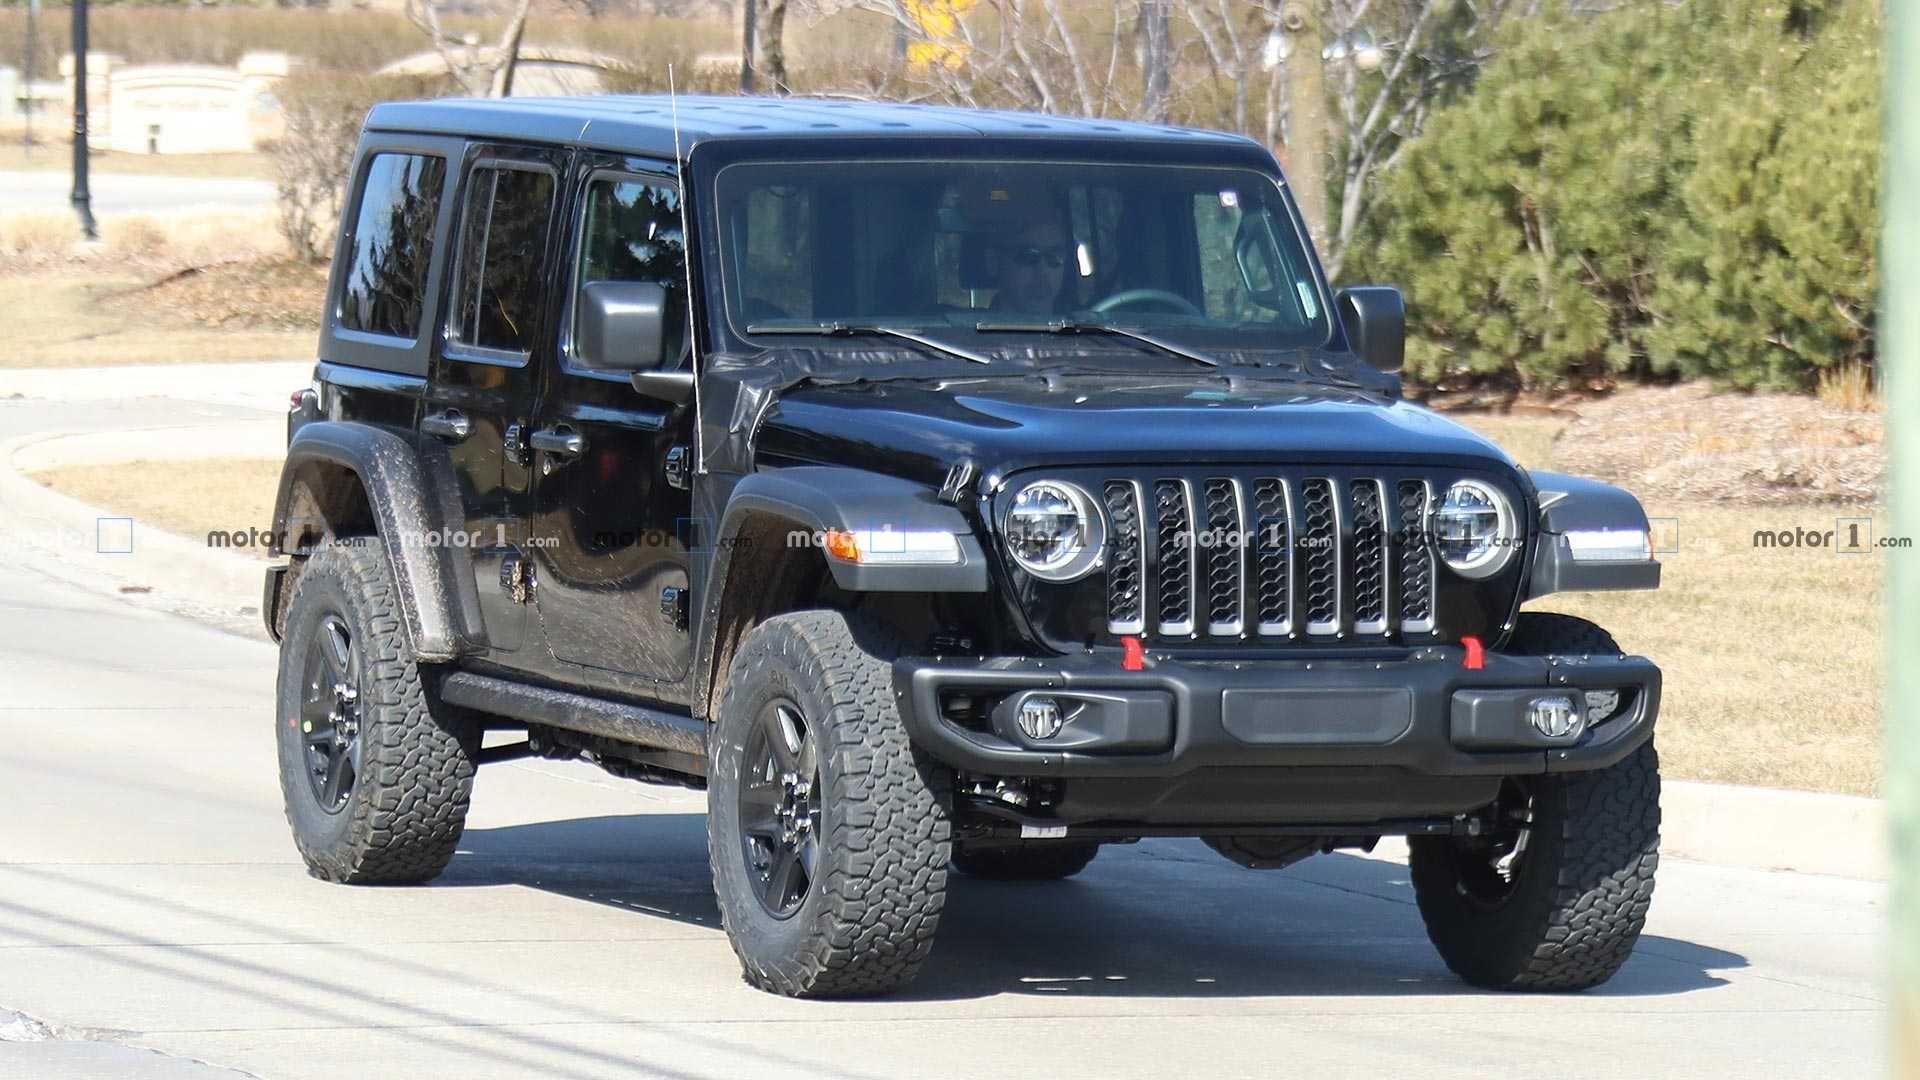 Jeep Wrangler 2021 Hybrid Wallpaper In 2020 Jeep Wrangler Jeep Wrangler Rubicon Jeep